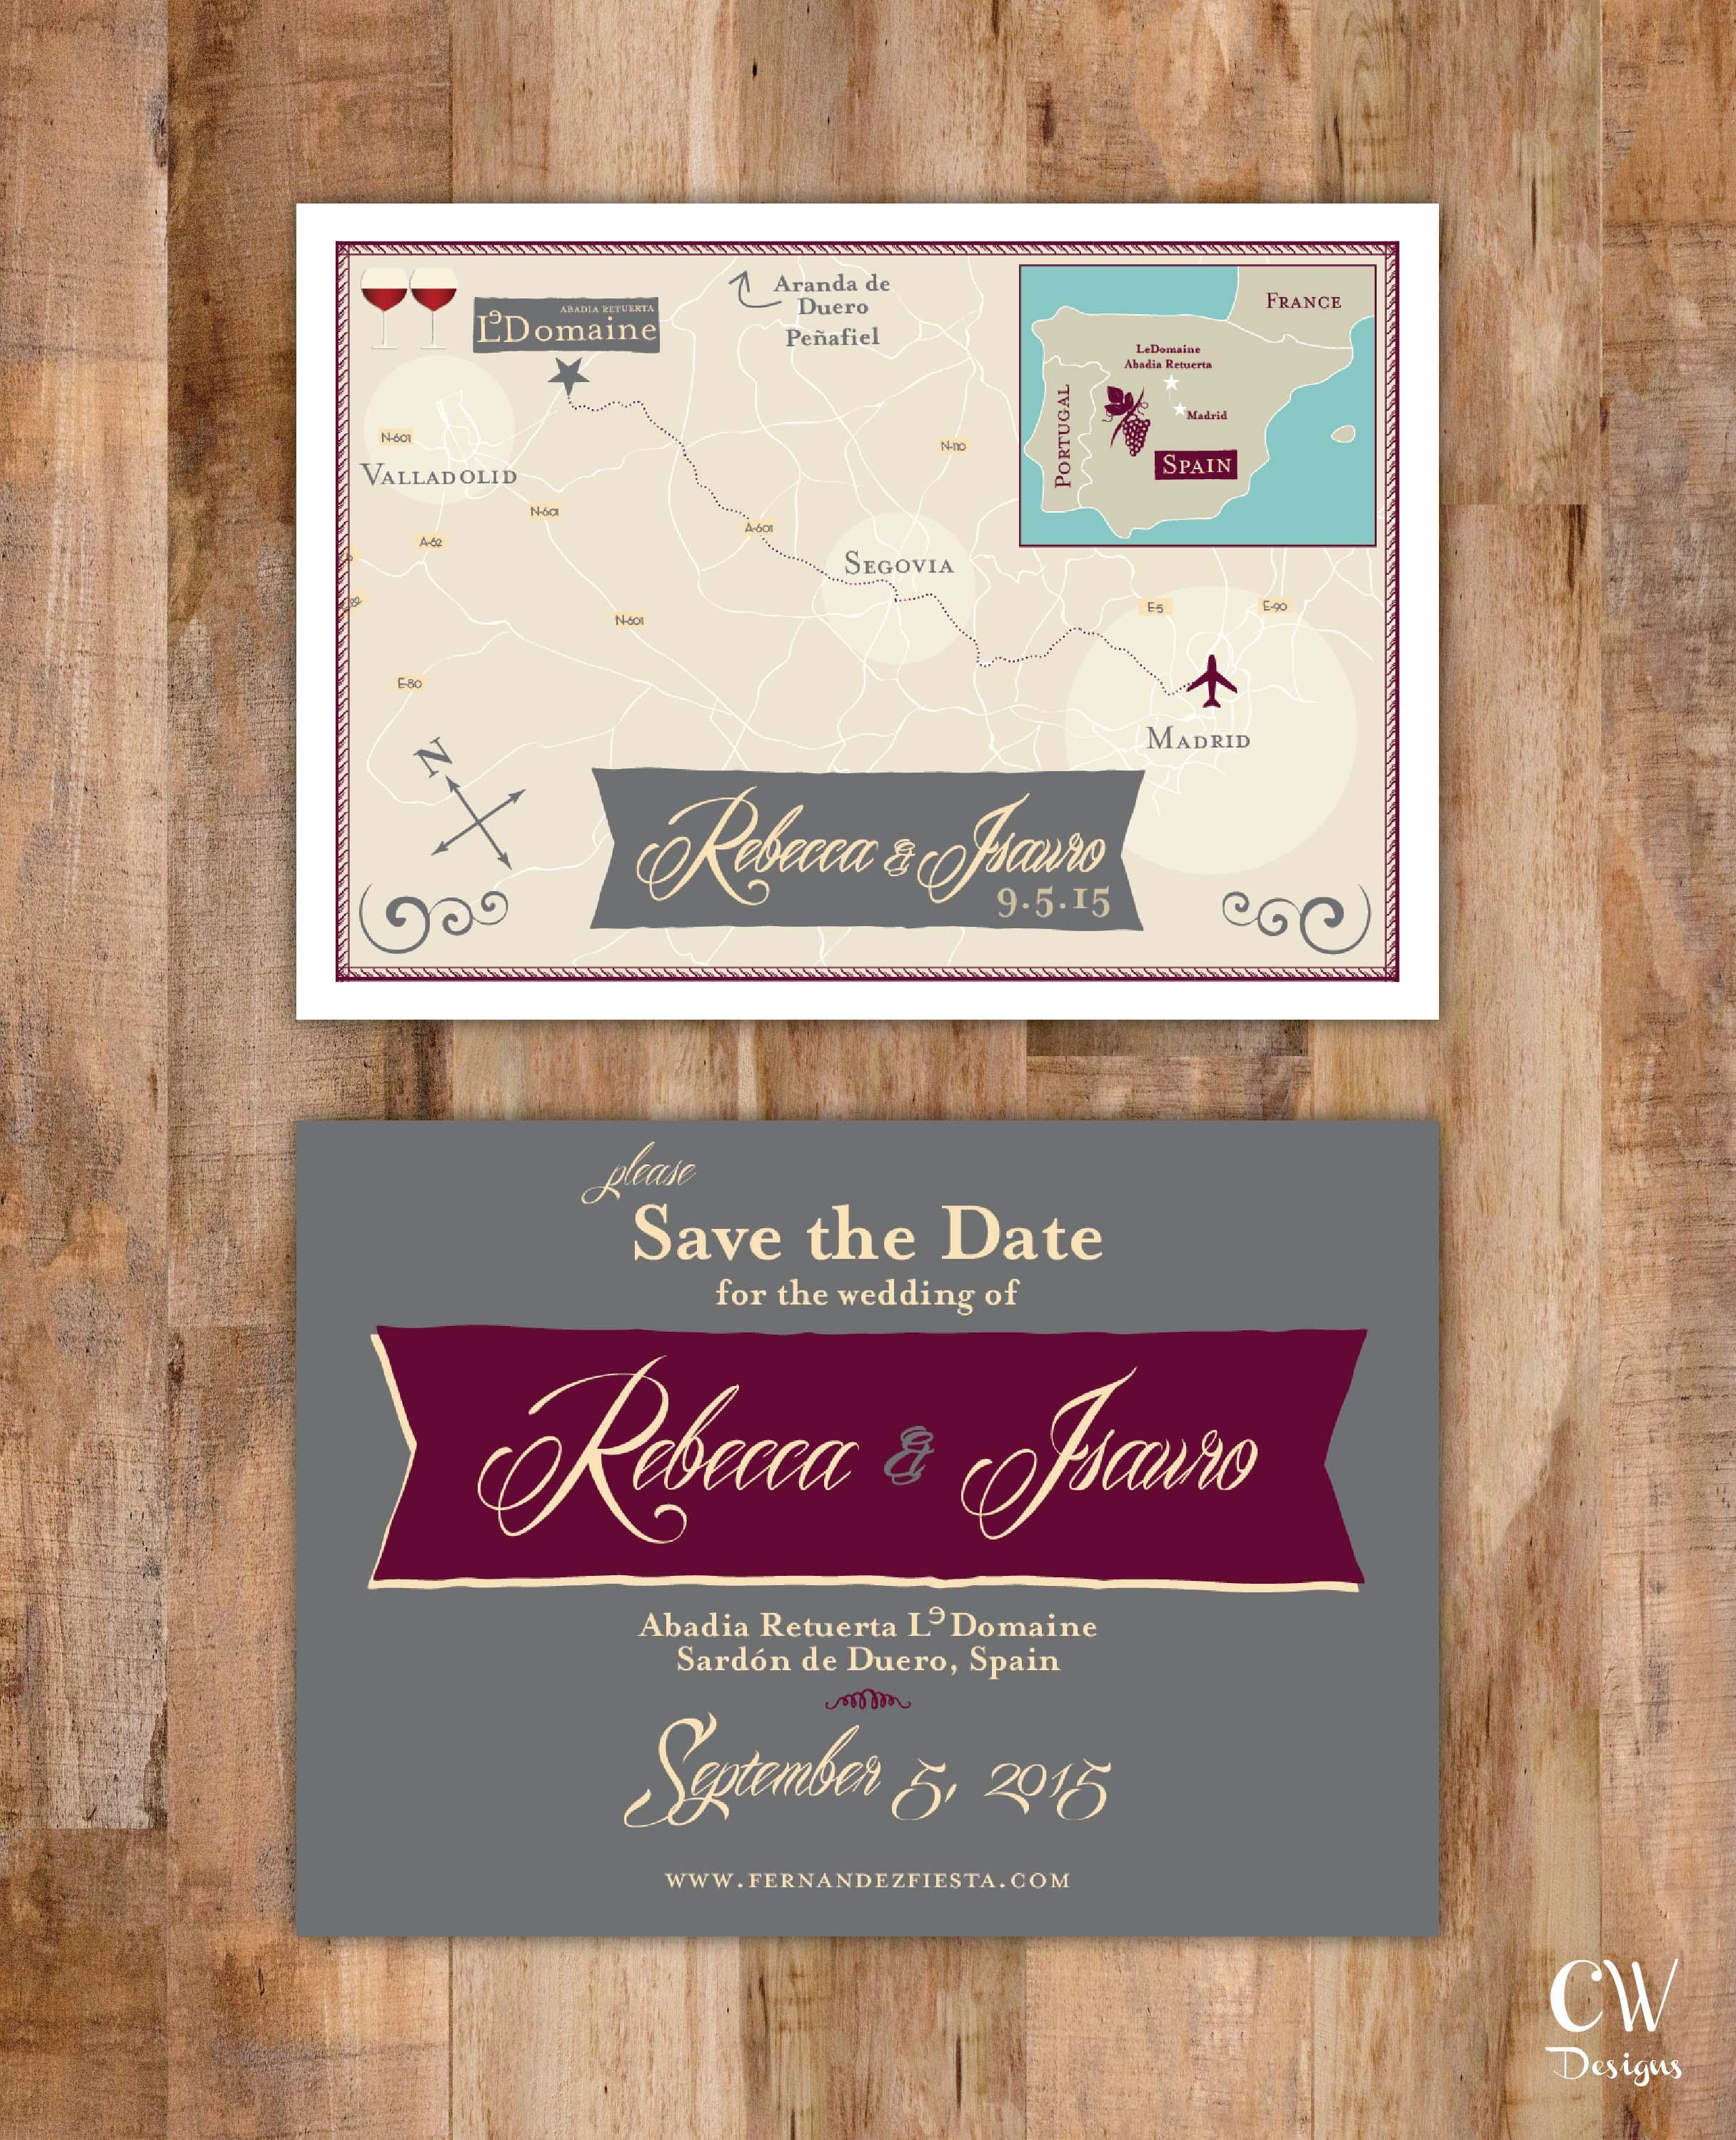 Spain Wedding Map Vineyard Save the Date.jpg